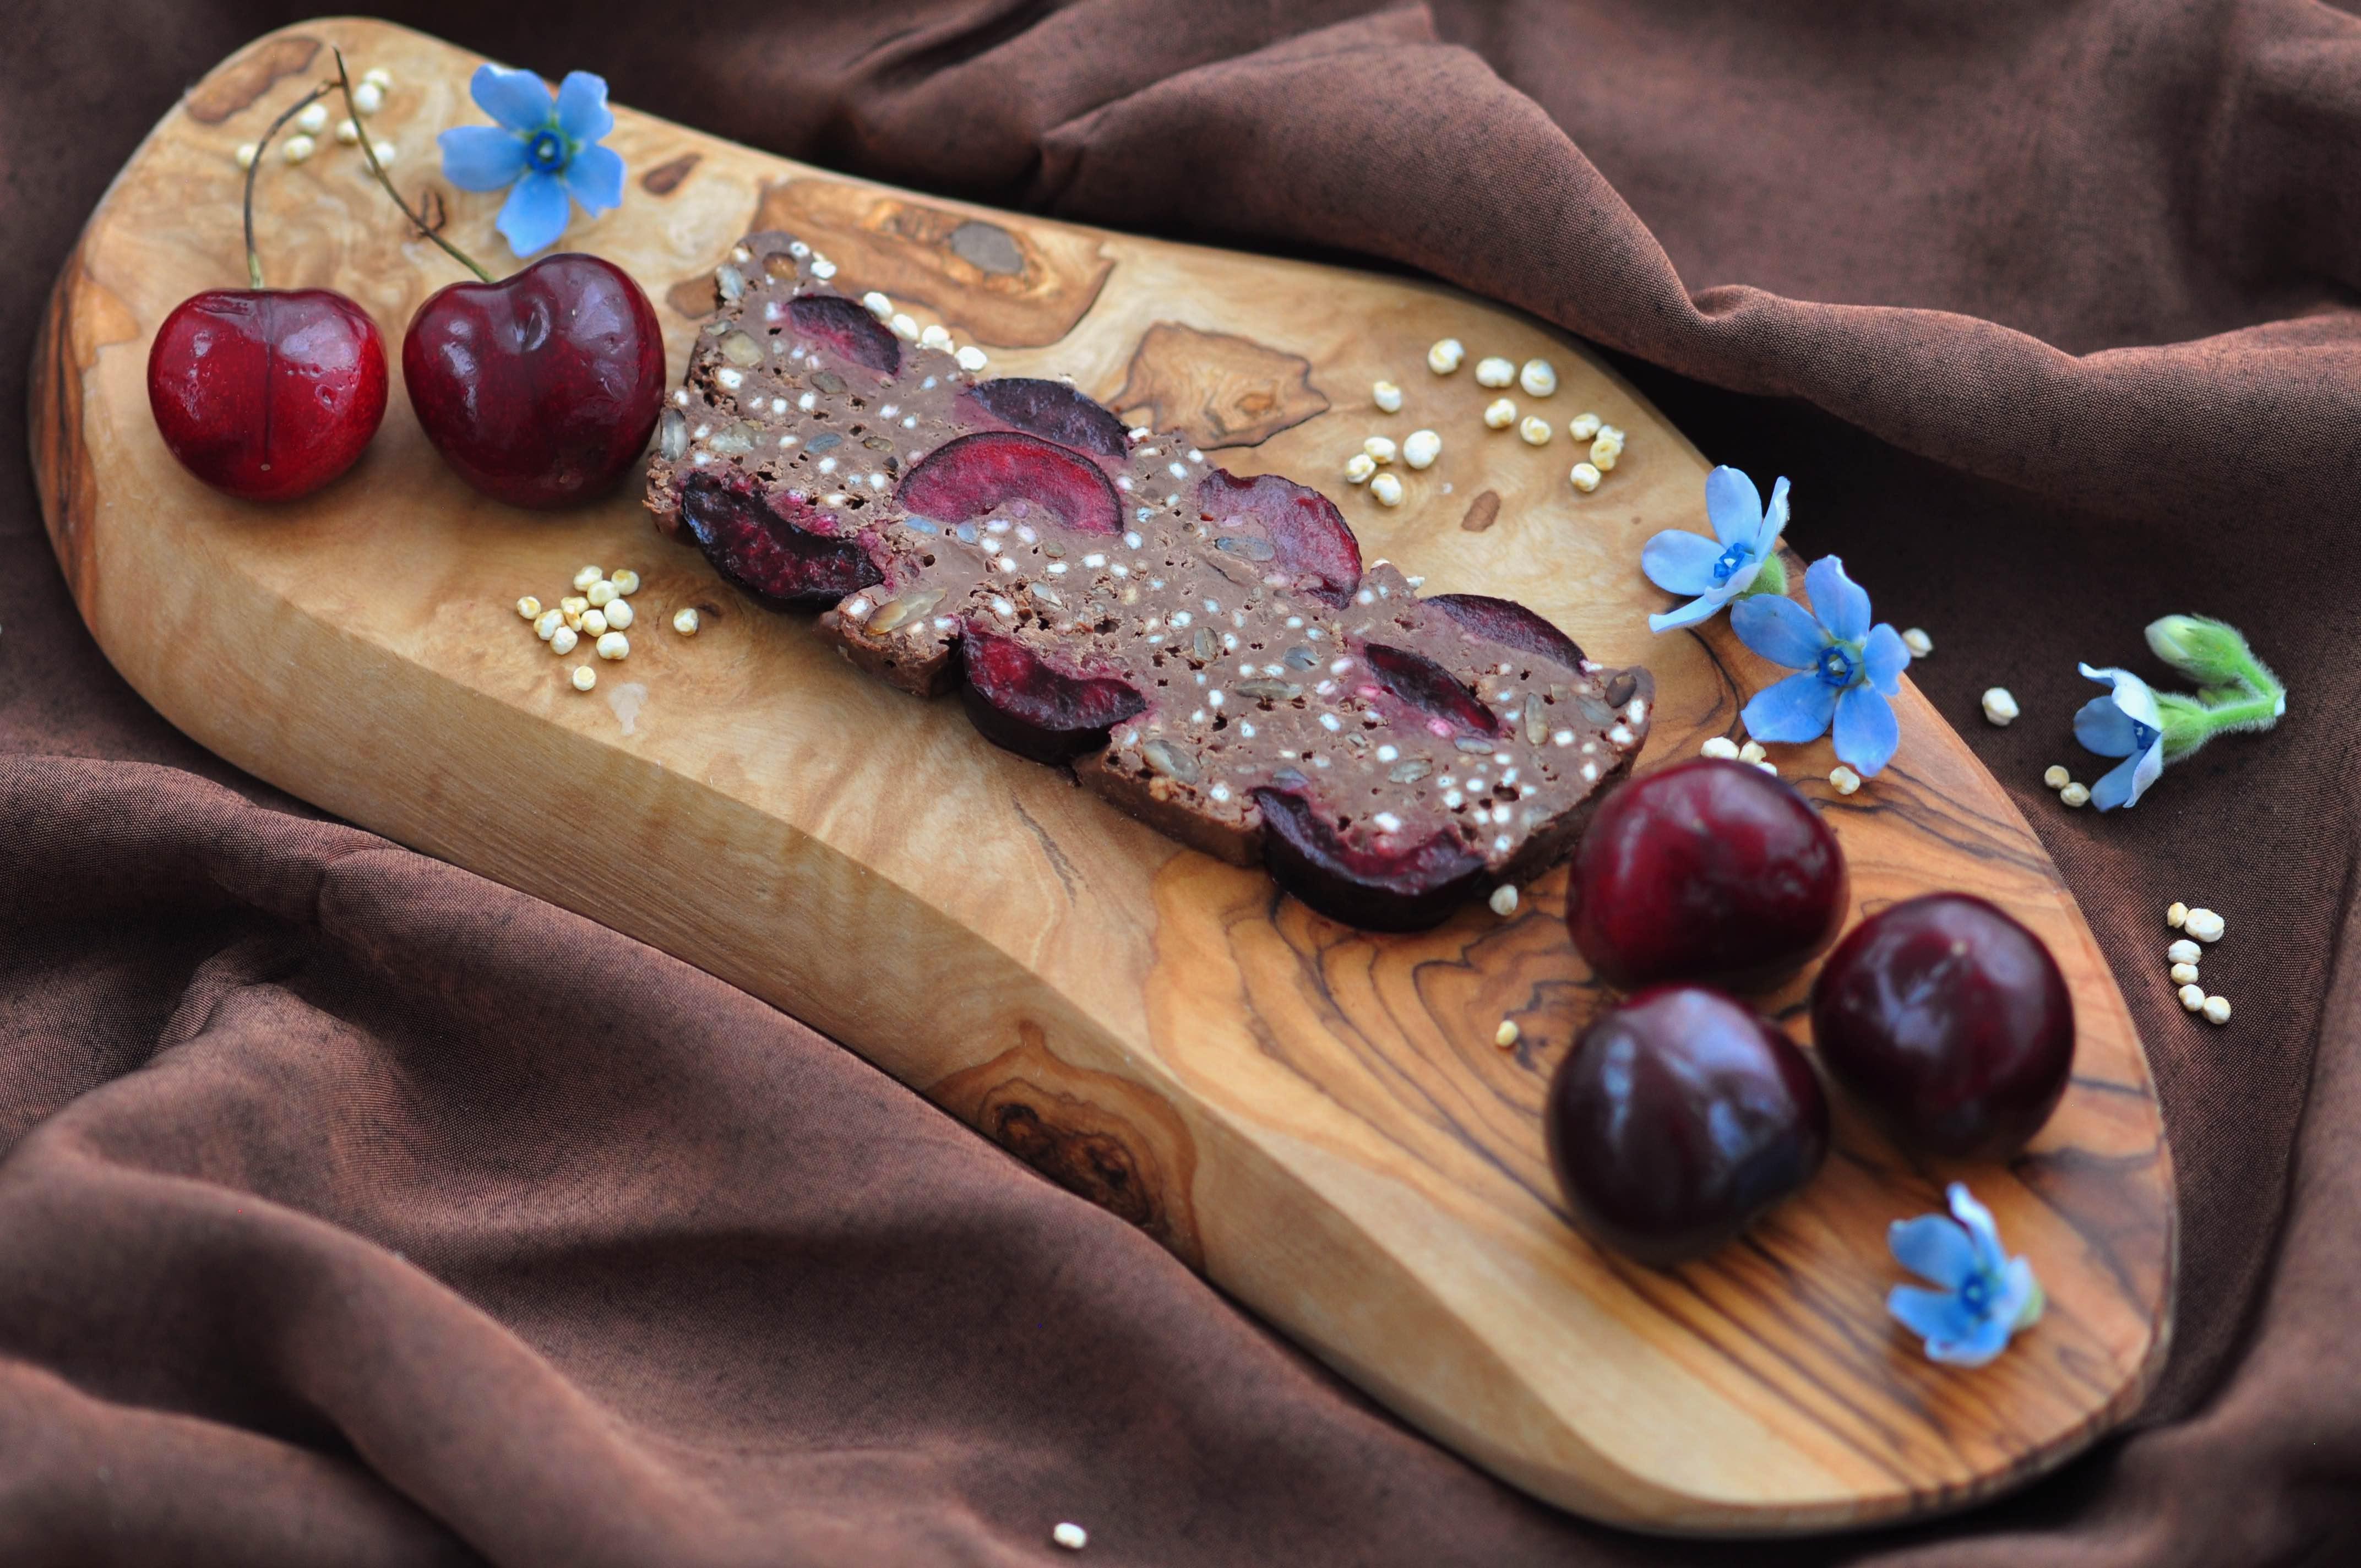 Romige_chocoladetaart_met_kersen_en_gepofte_quinoa